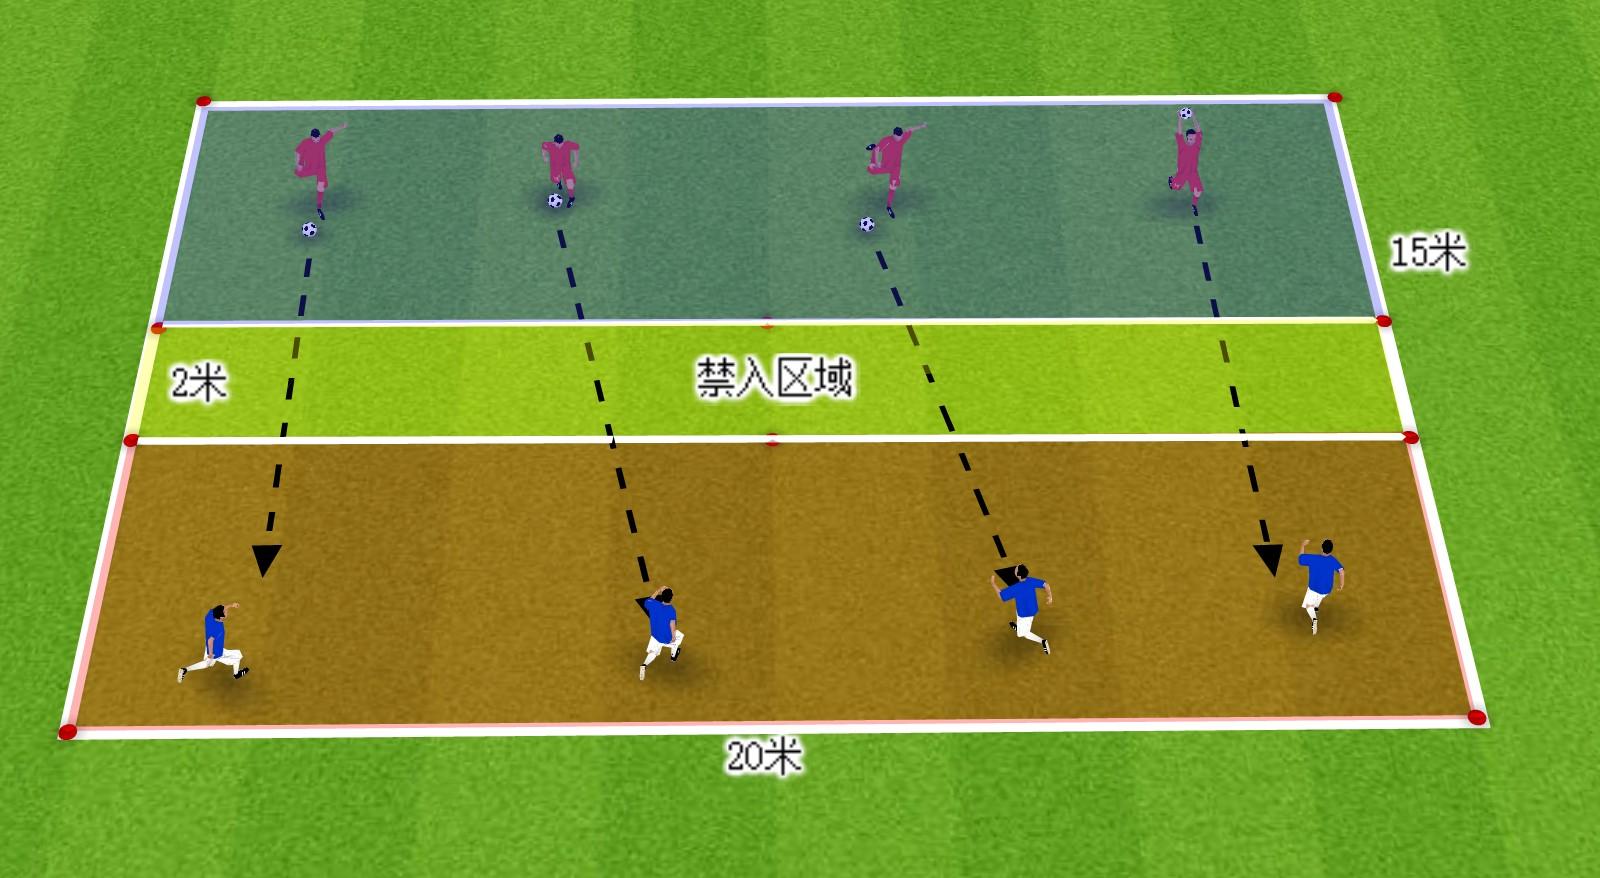 足球教案|意大利足球青训:提高球员控球能力的